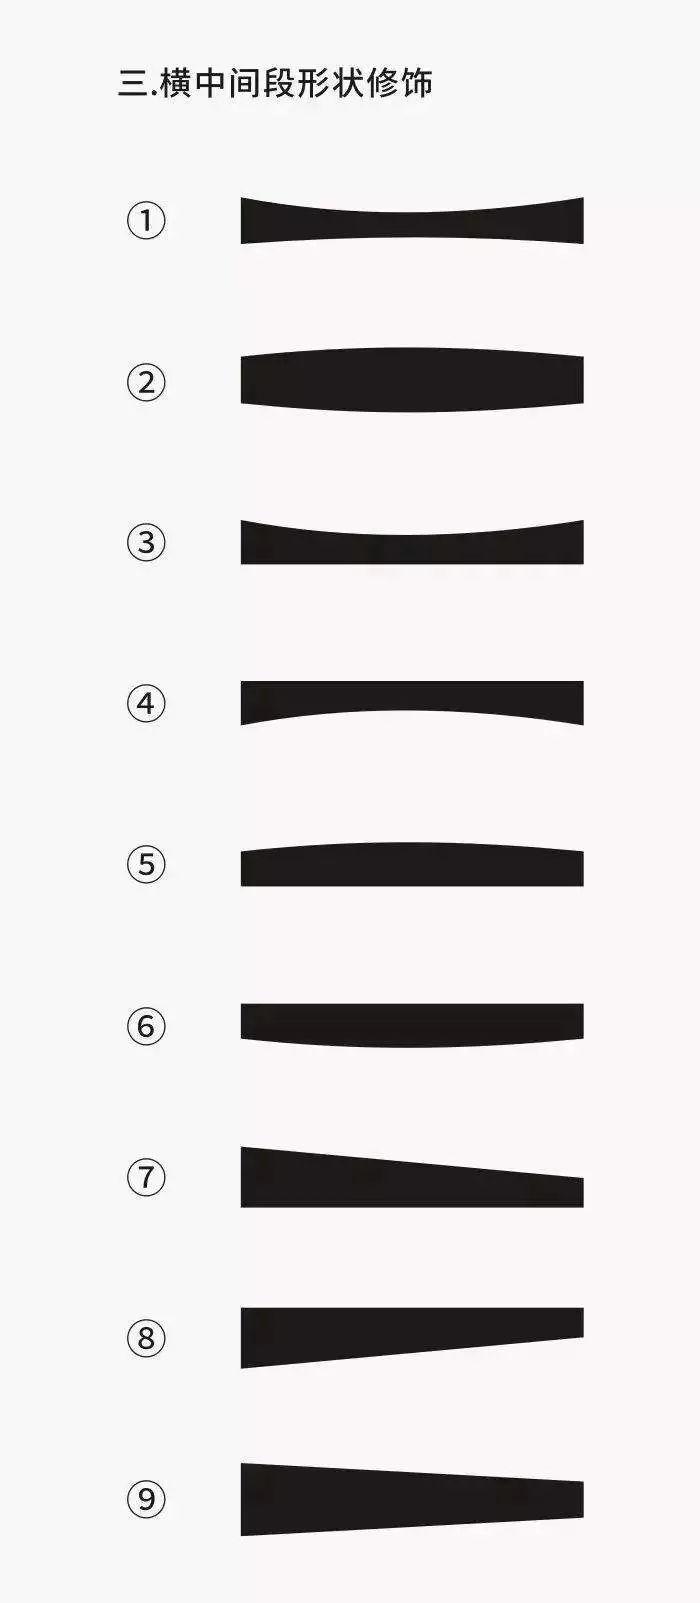 超简单的原创字体设计方法,教你打造b格慢慢的作品